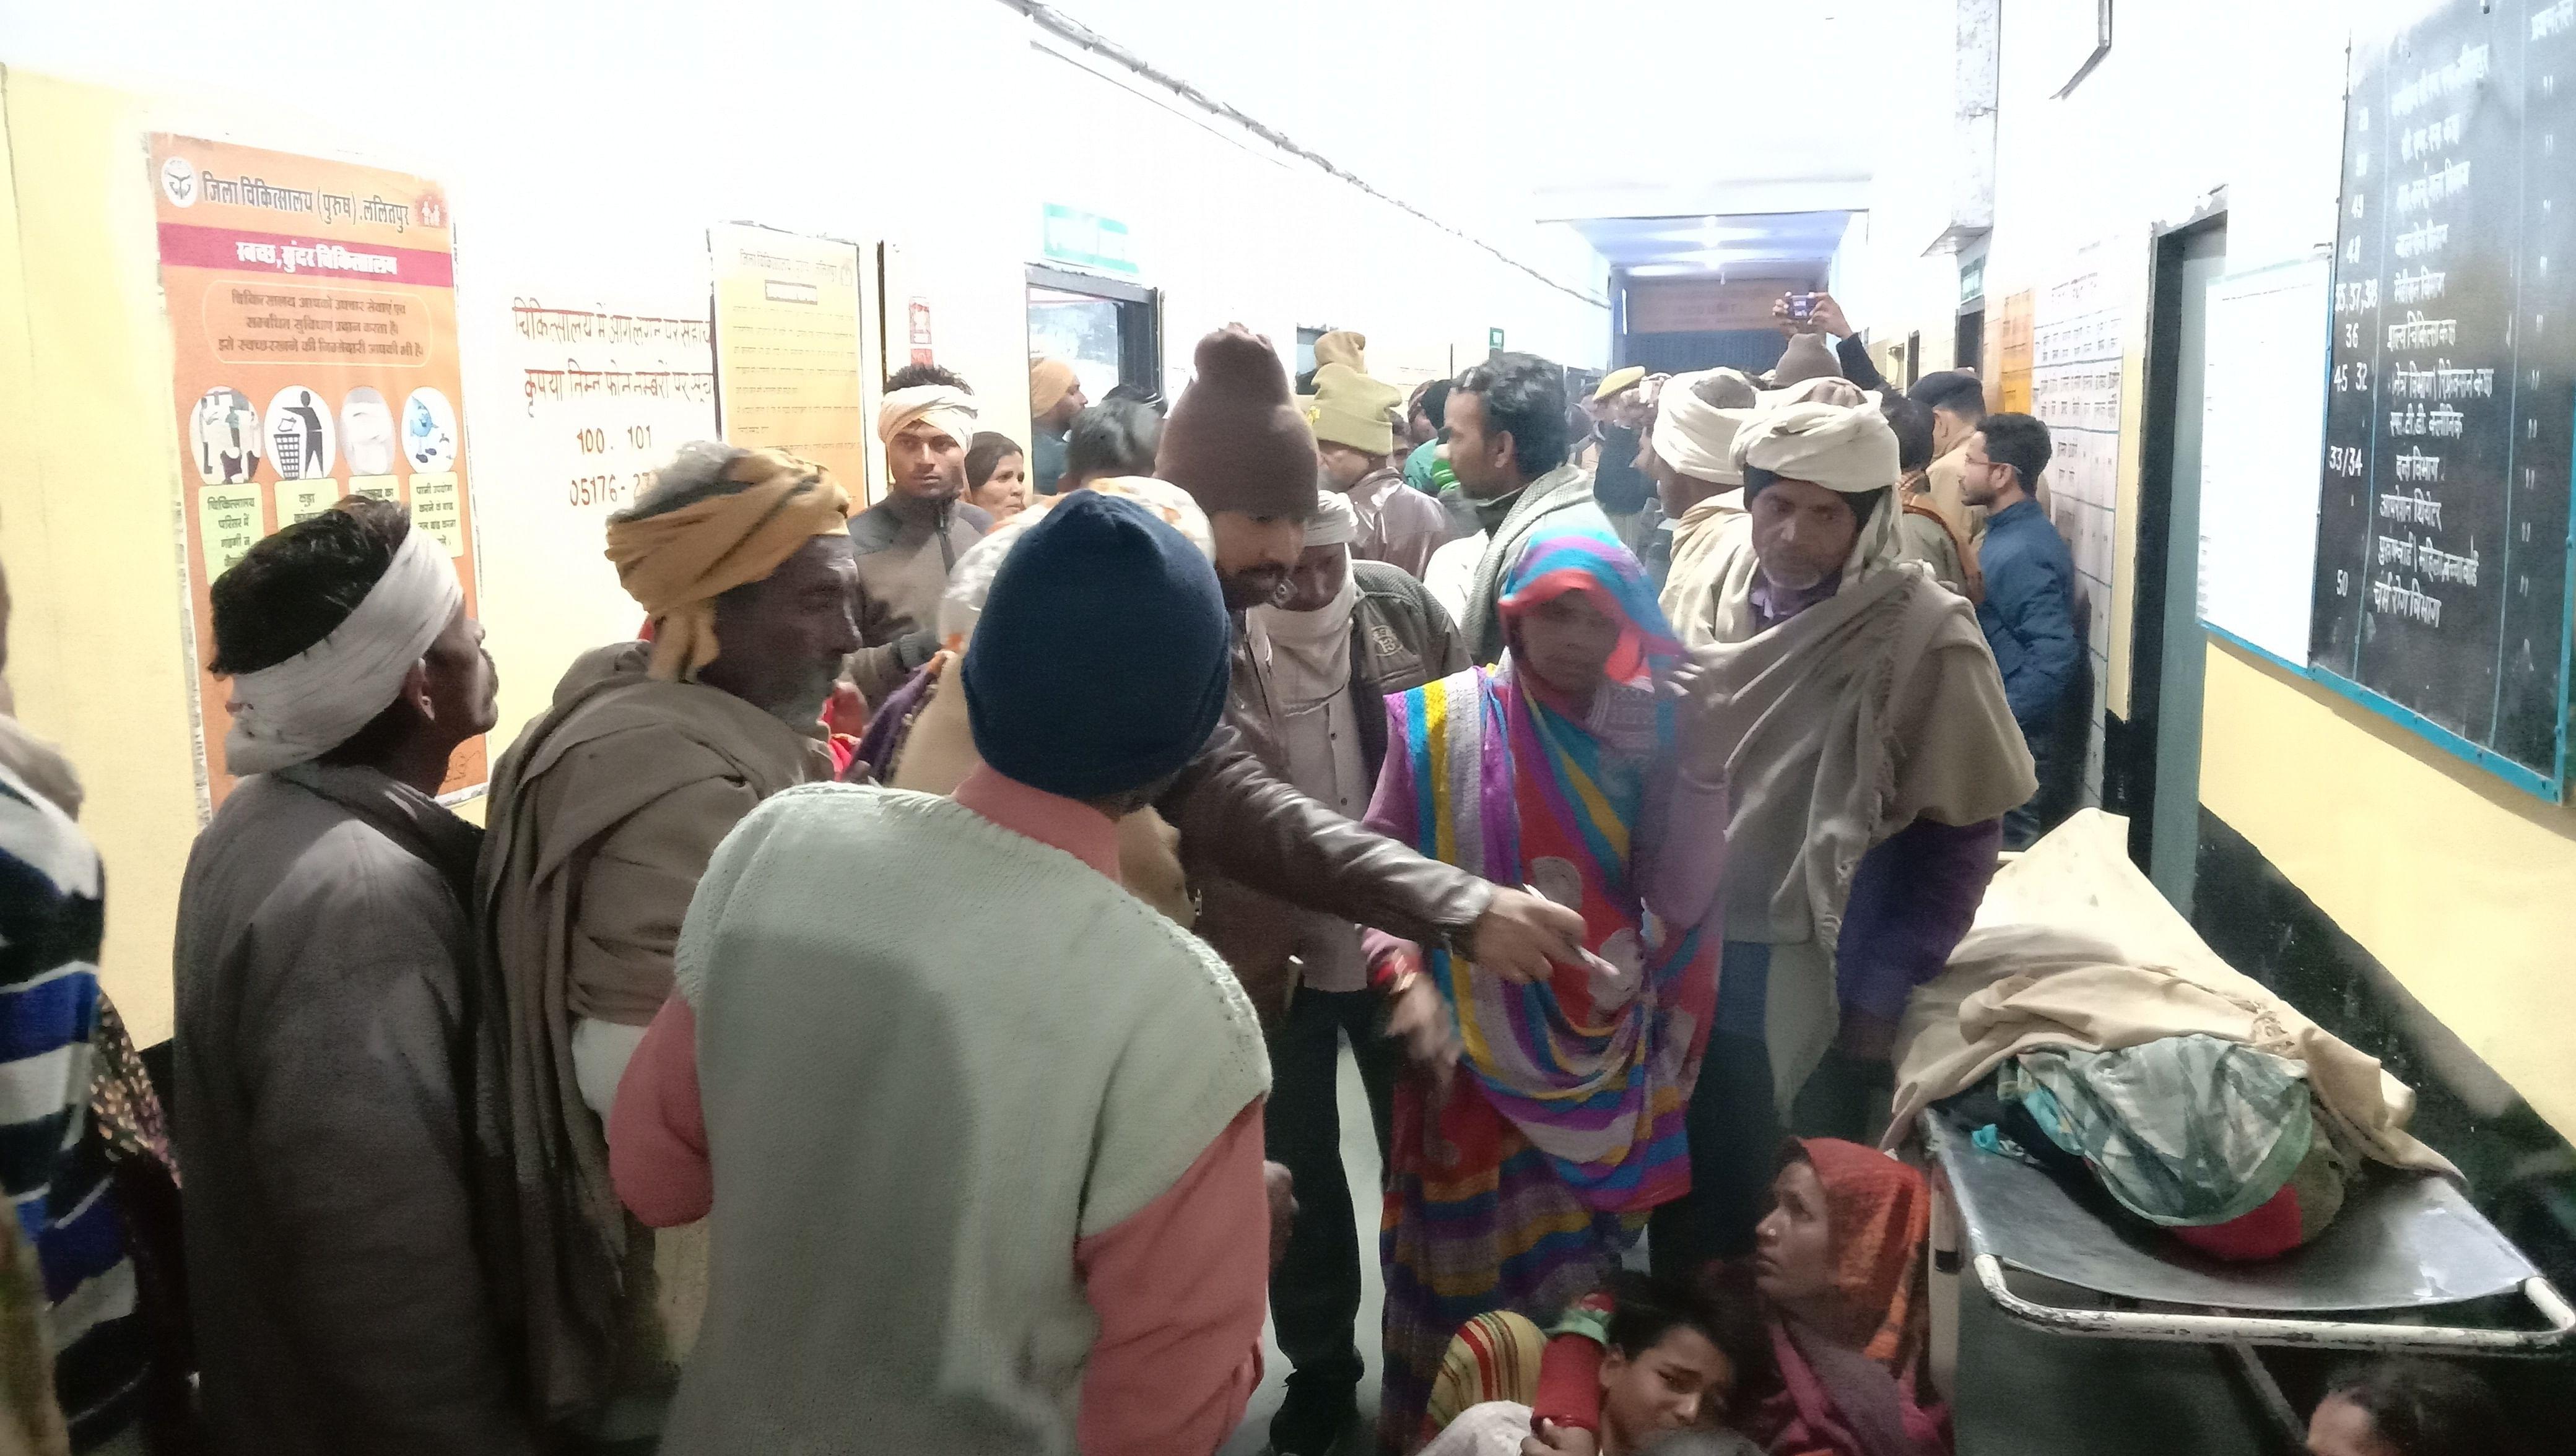 देवगढ़ रेलवे क्रासिंग के पास ओवरब्रिज का काम कर रही क्रेन पलटने से मृत महिला के पास जिला अस्पताल ?